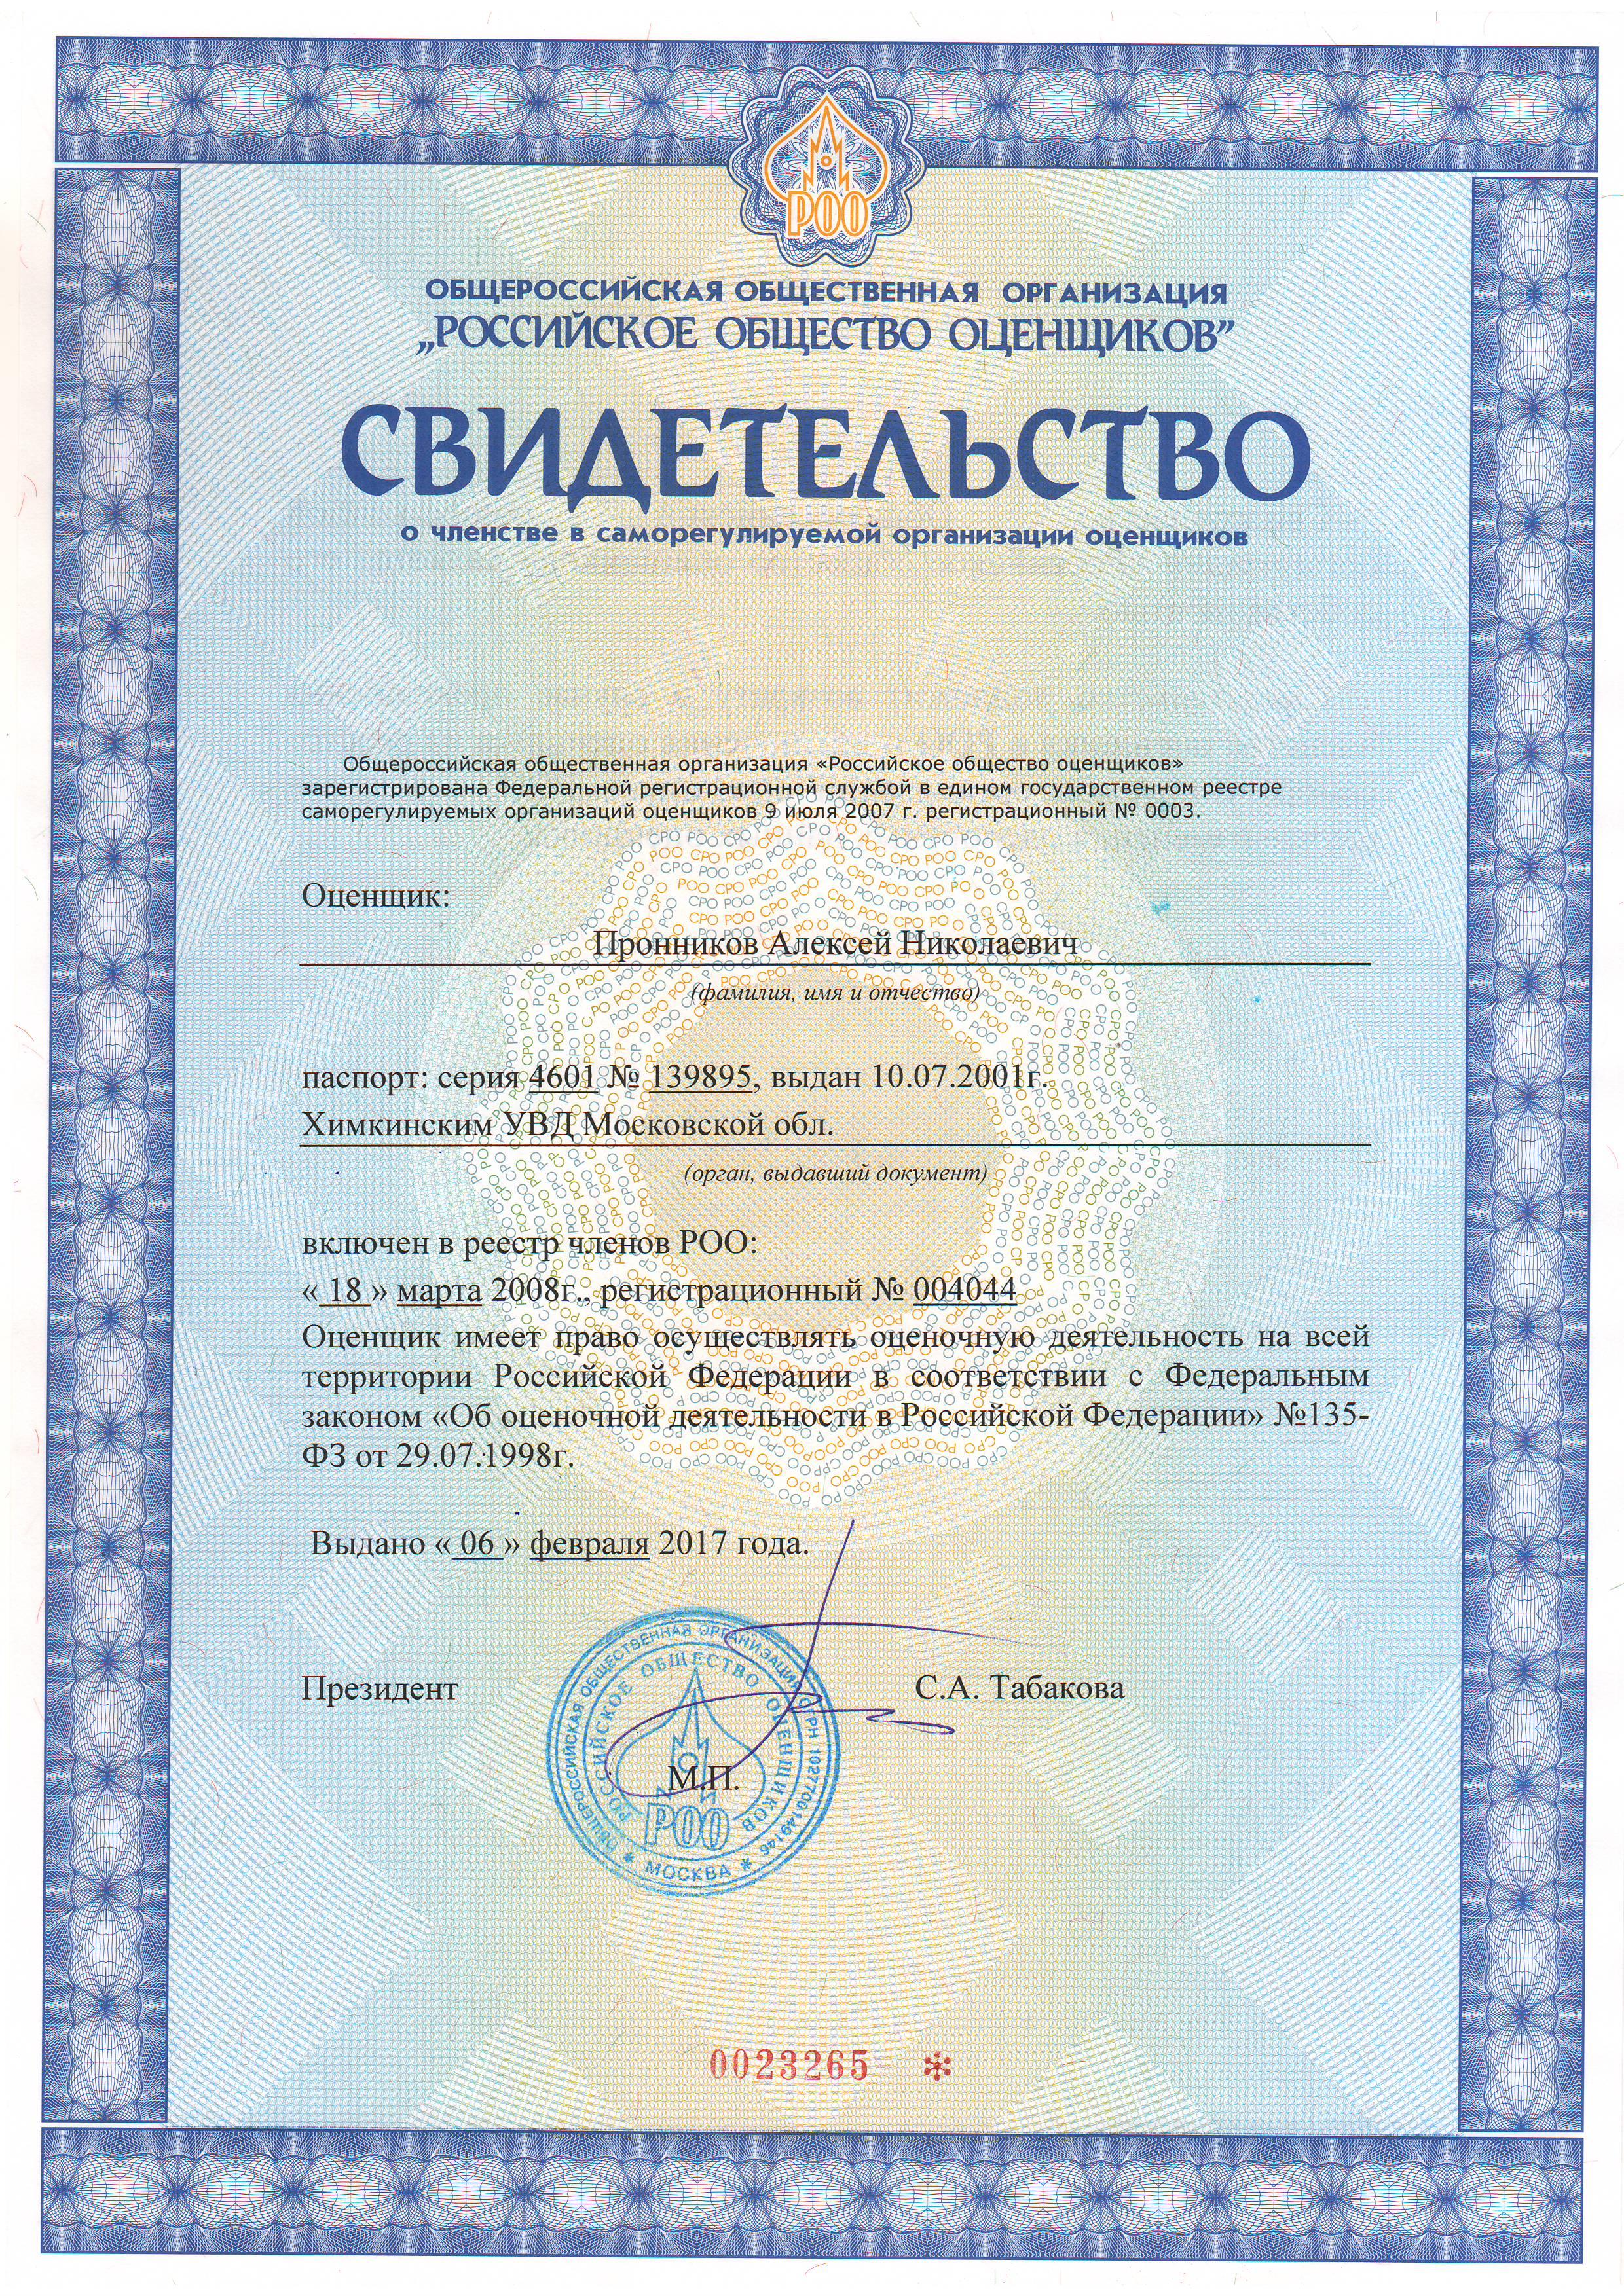 св-во РОО 2017 Пронников АН